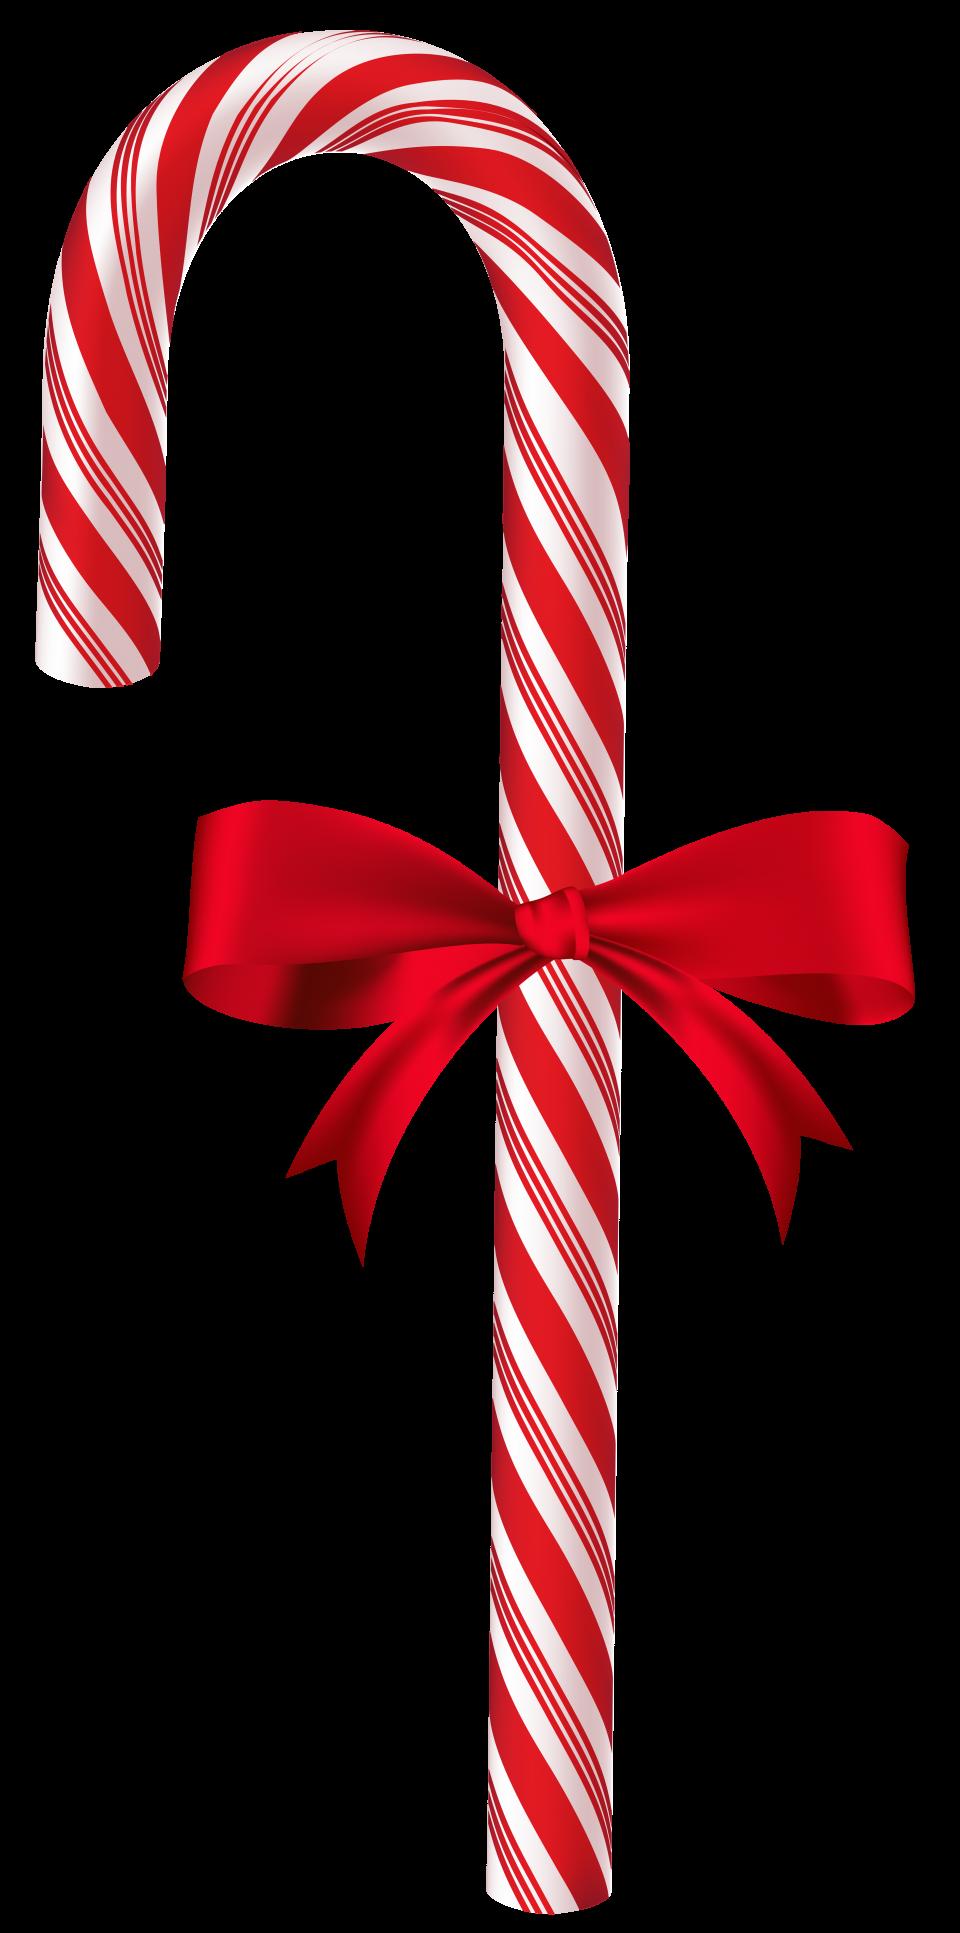 X-mas Sugar Cane with Ribbon PNG Image